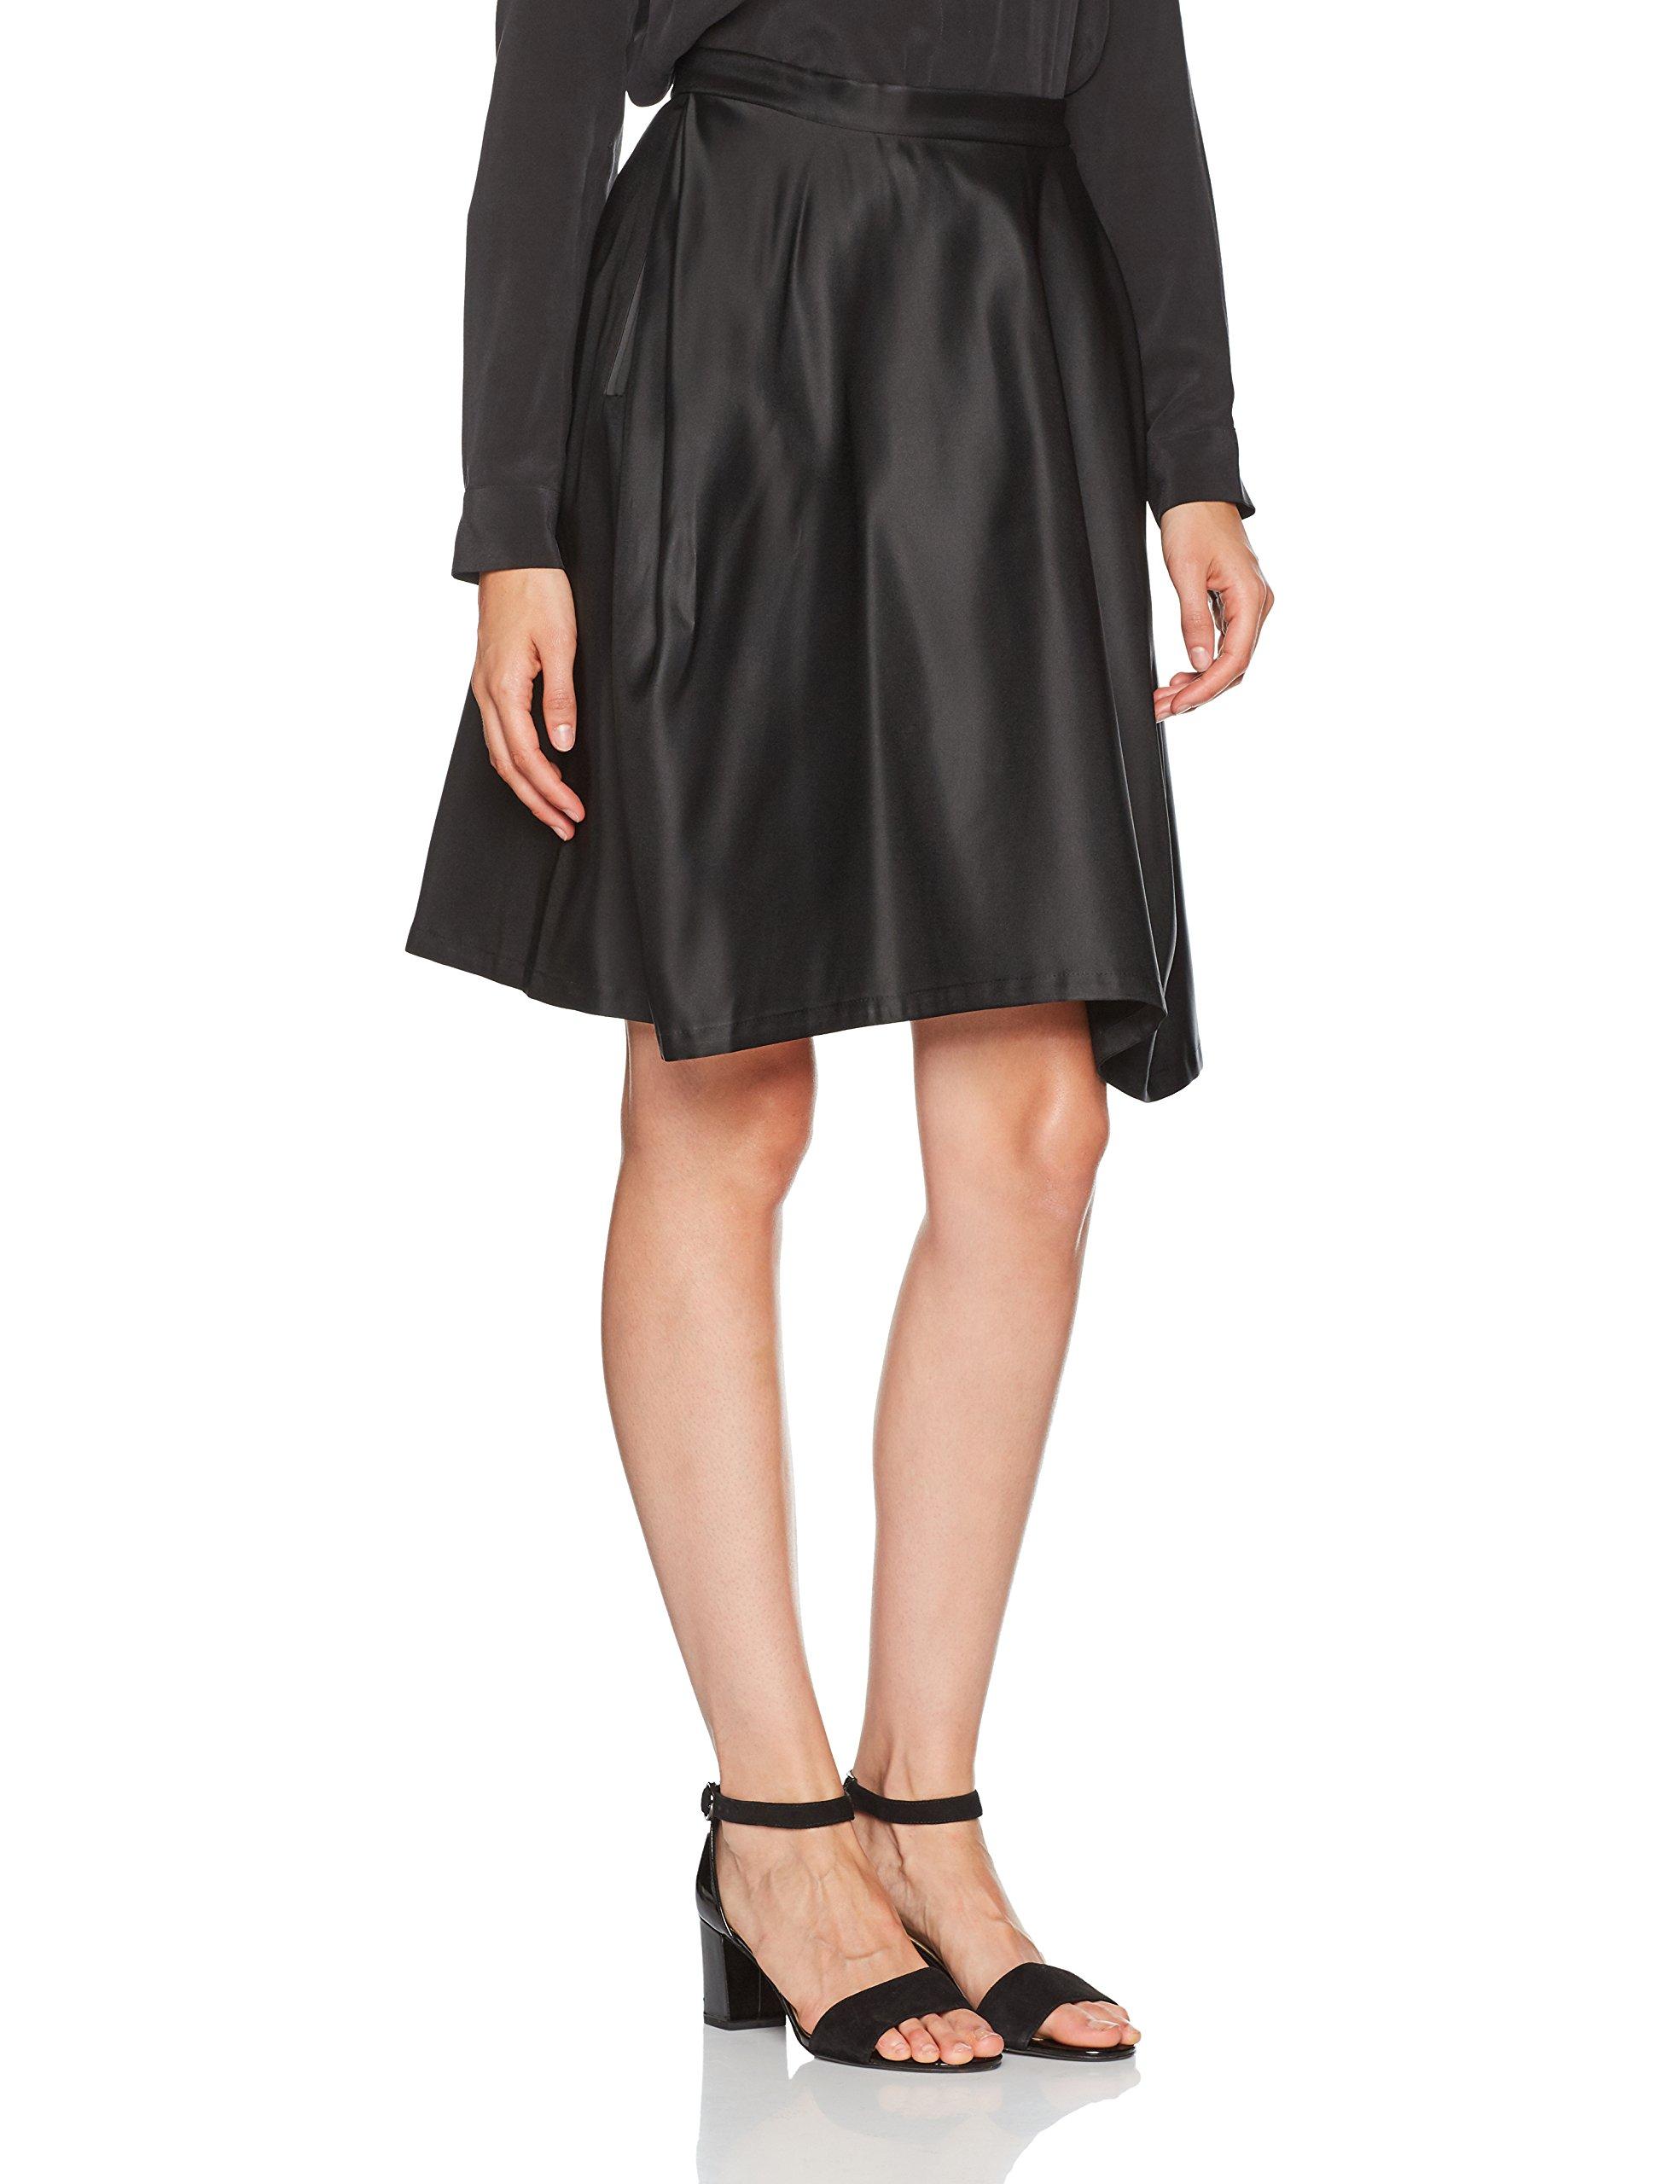 Skirt Full Du Jensen taille Peter FabricantLargeFemme JupeNoir Black42 JFclK1